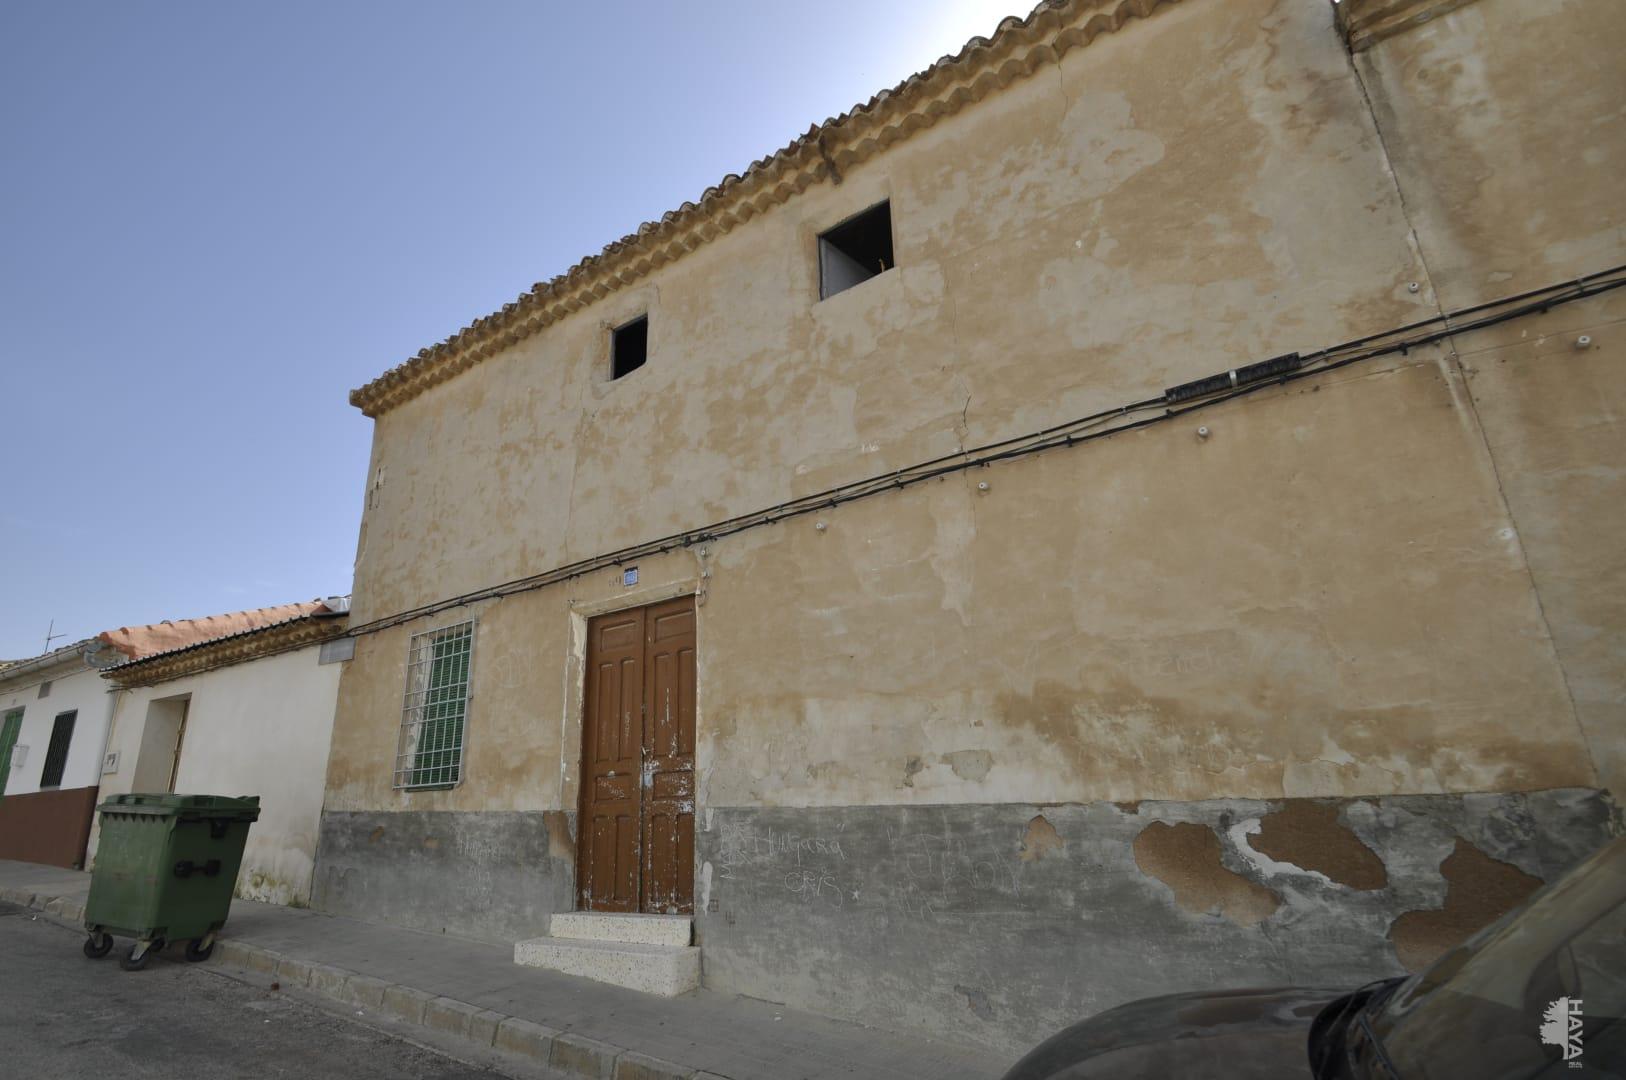 Casa en venta en Tobarra, Albacete, Calle Primera del Collado, 57.049 €, 2 habitaciones, 1 baño, 177 m2